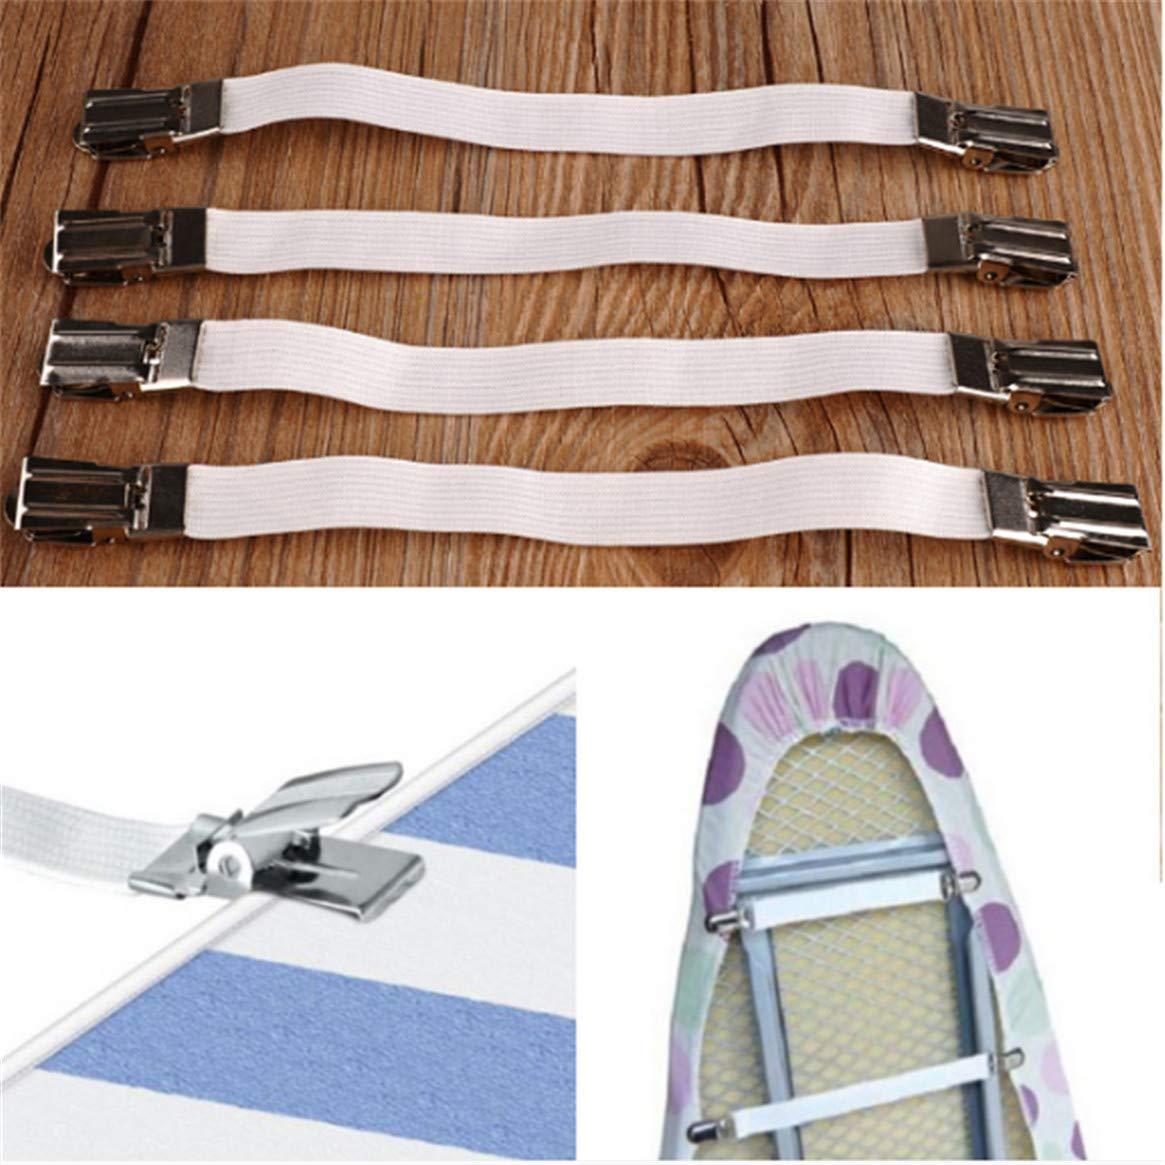 8.66 * 0.63inch Bretelles WEIHEE Porte-Drap-Housse /élastique r/églable avec Sangles /élastiques et Attaches /à Clip pour Porte-draps Blanc